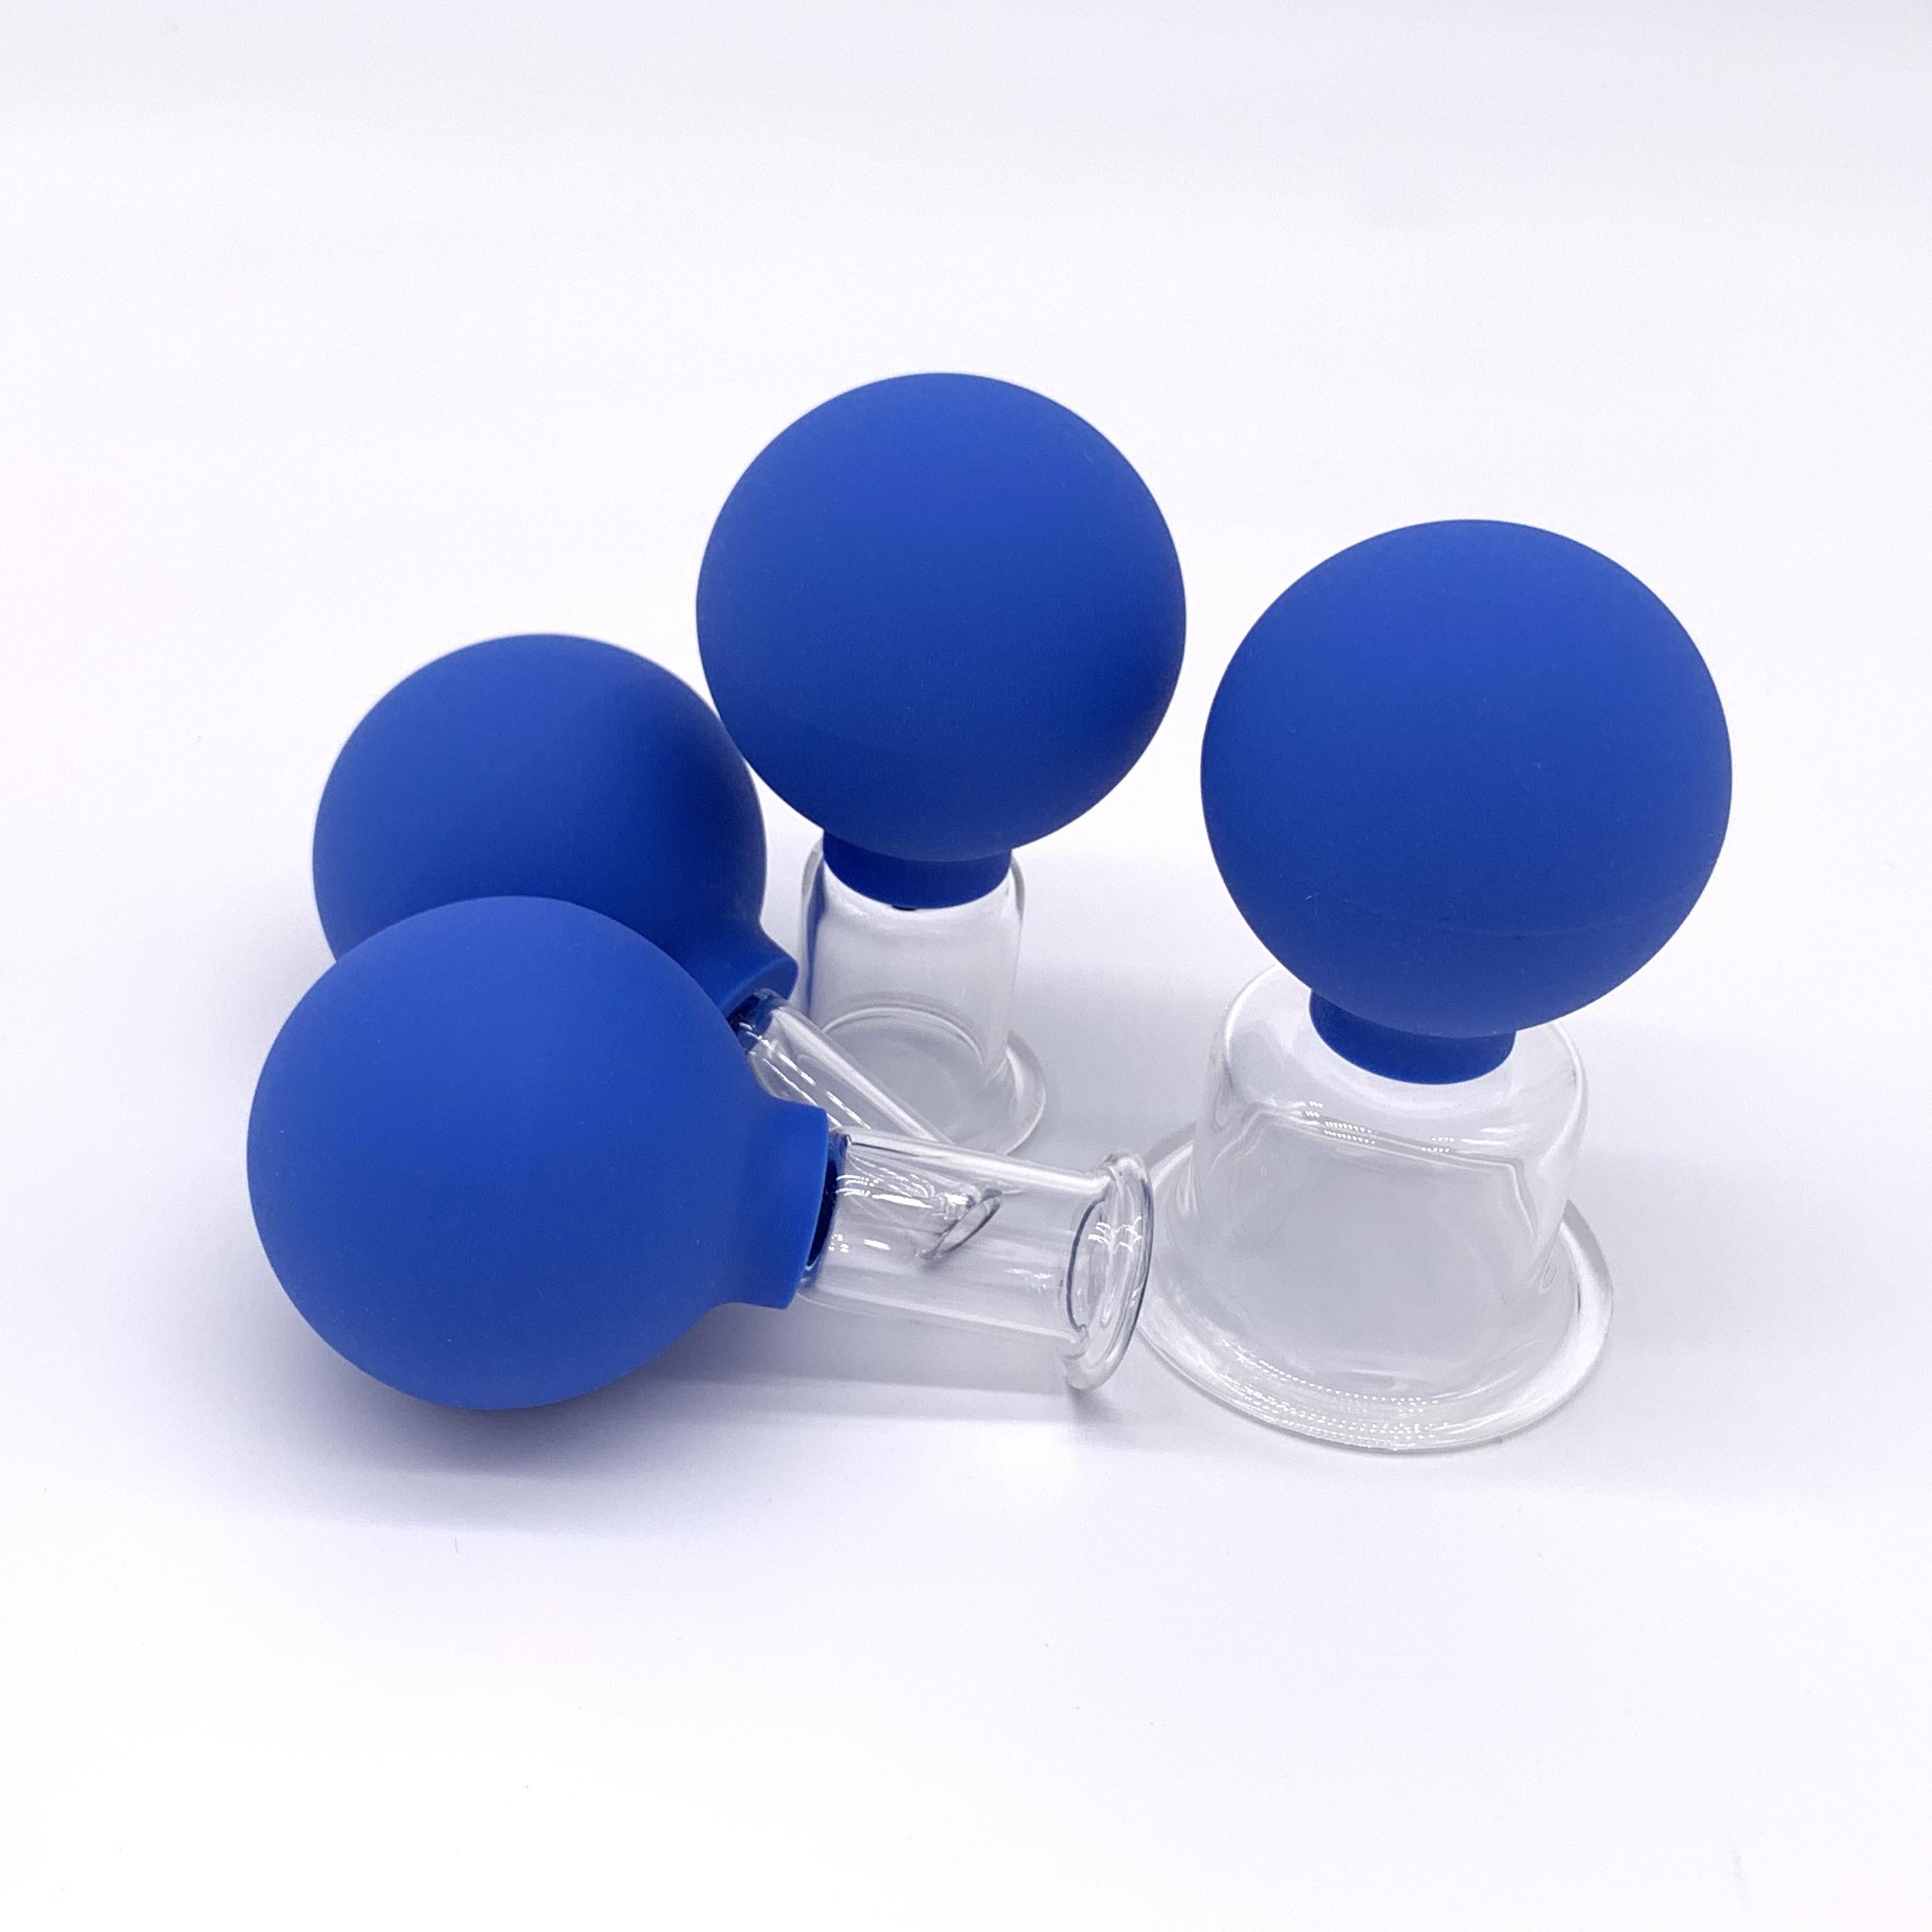 Заводской набор для терапии, мягкие массажные силиконовые чашки-присоски для красоты